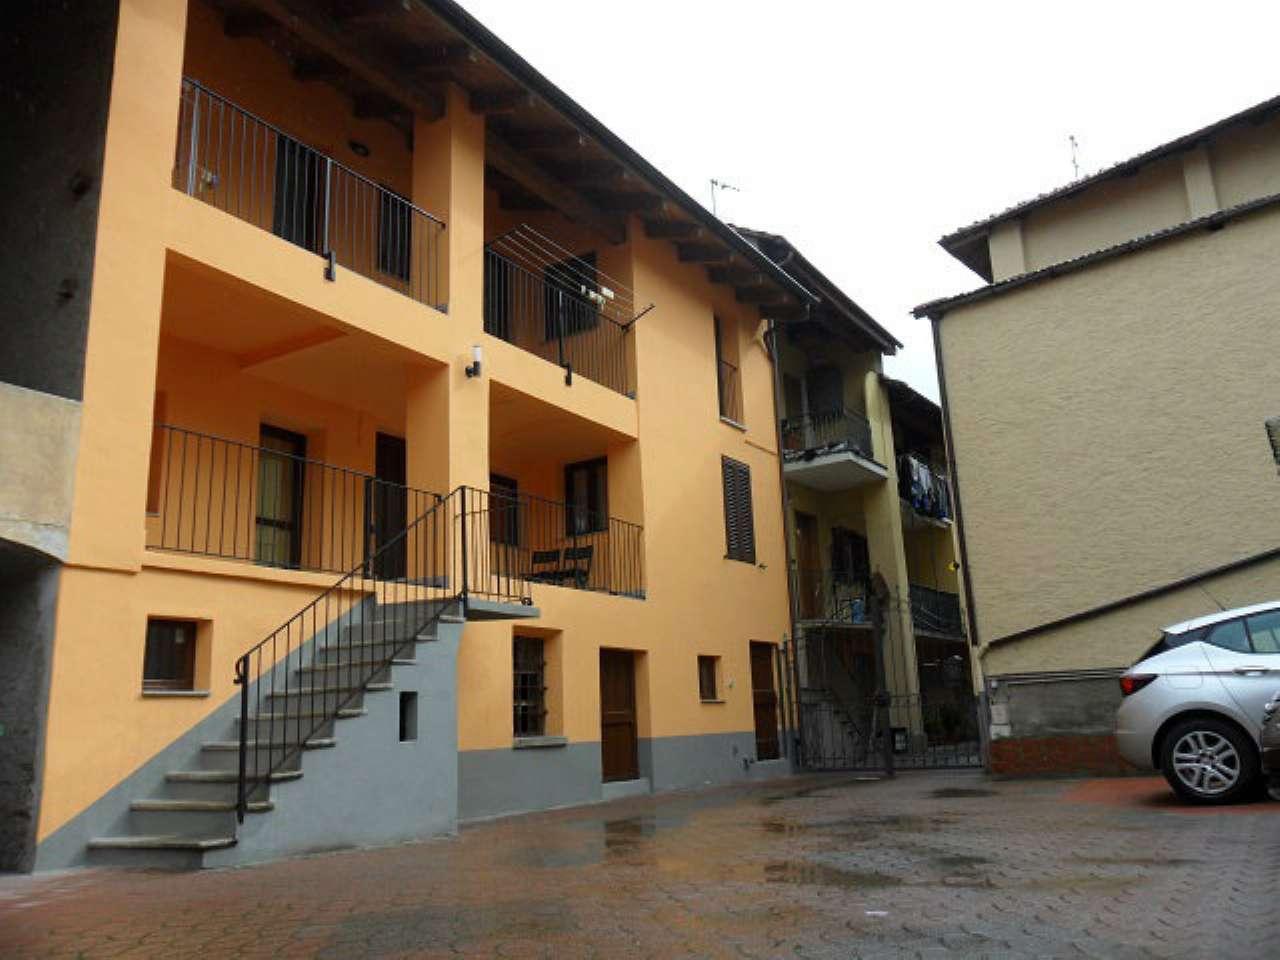 Palazzo / Stabile in vendita a Borgone Susa, 6 locali, prezzo € 149.000 | CambioCasa.it